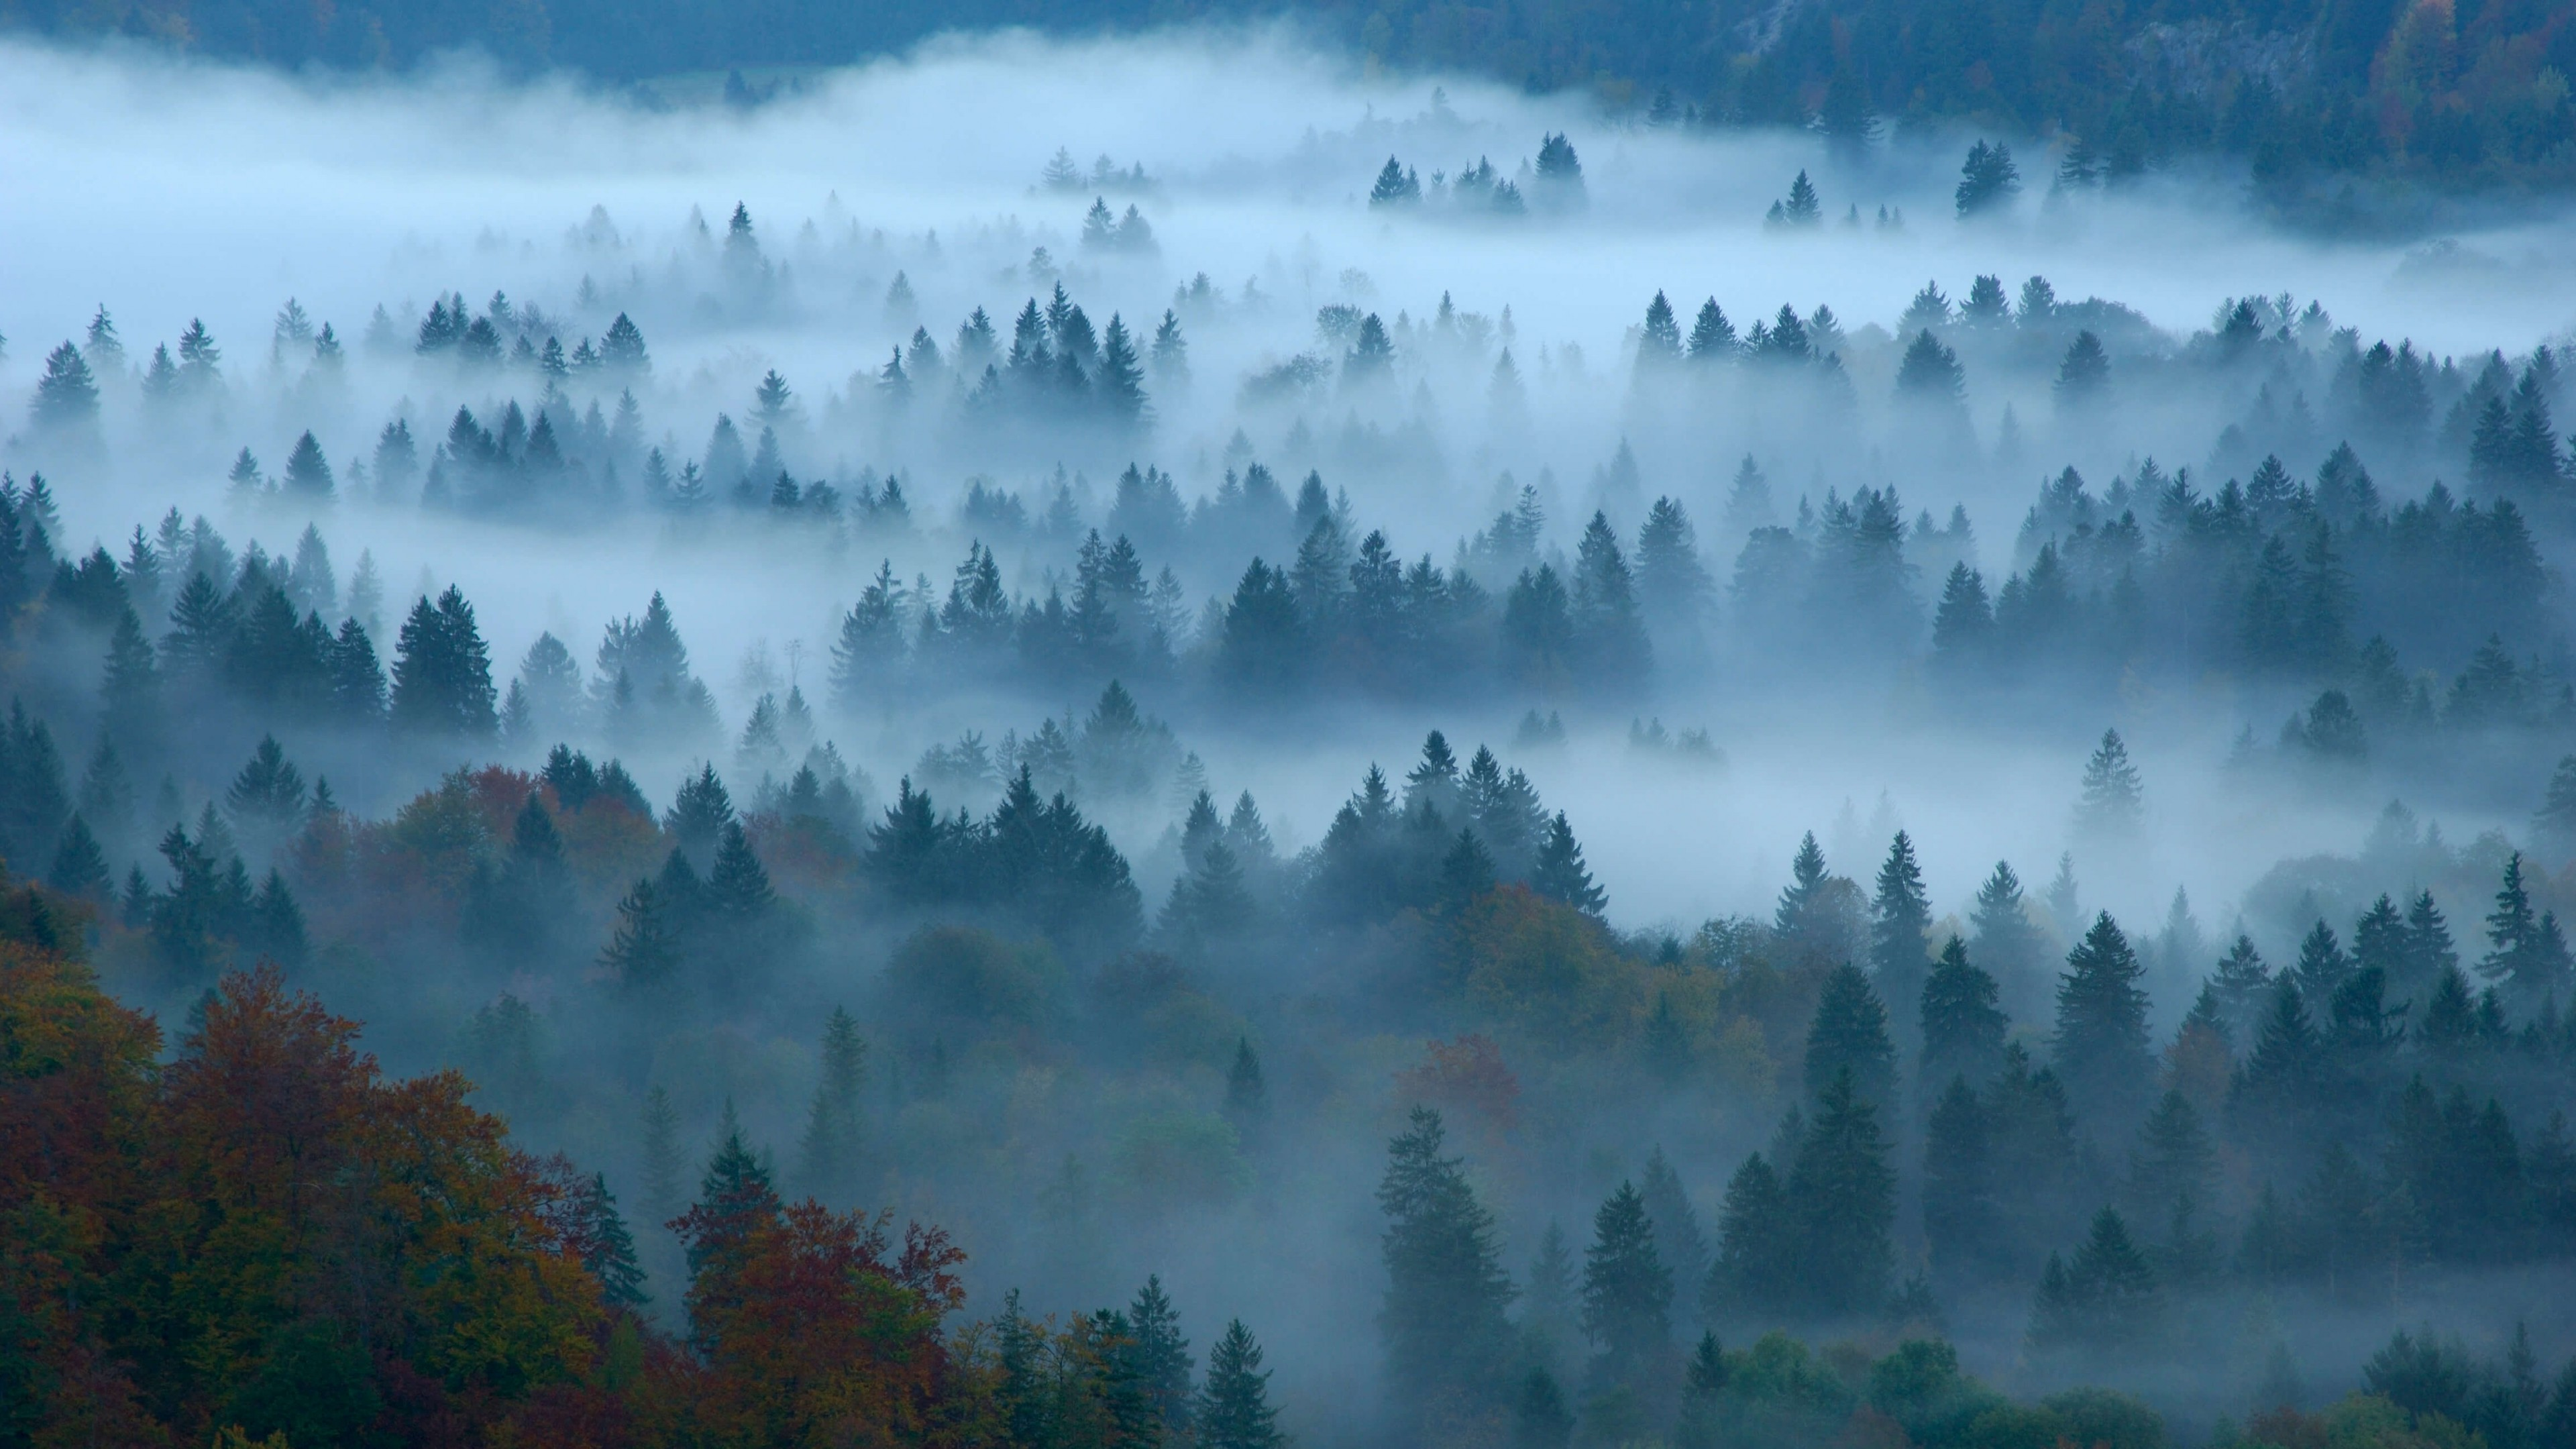 Fondos de pantalla Bosque con niebla